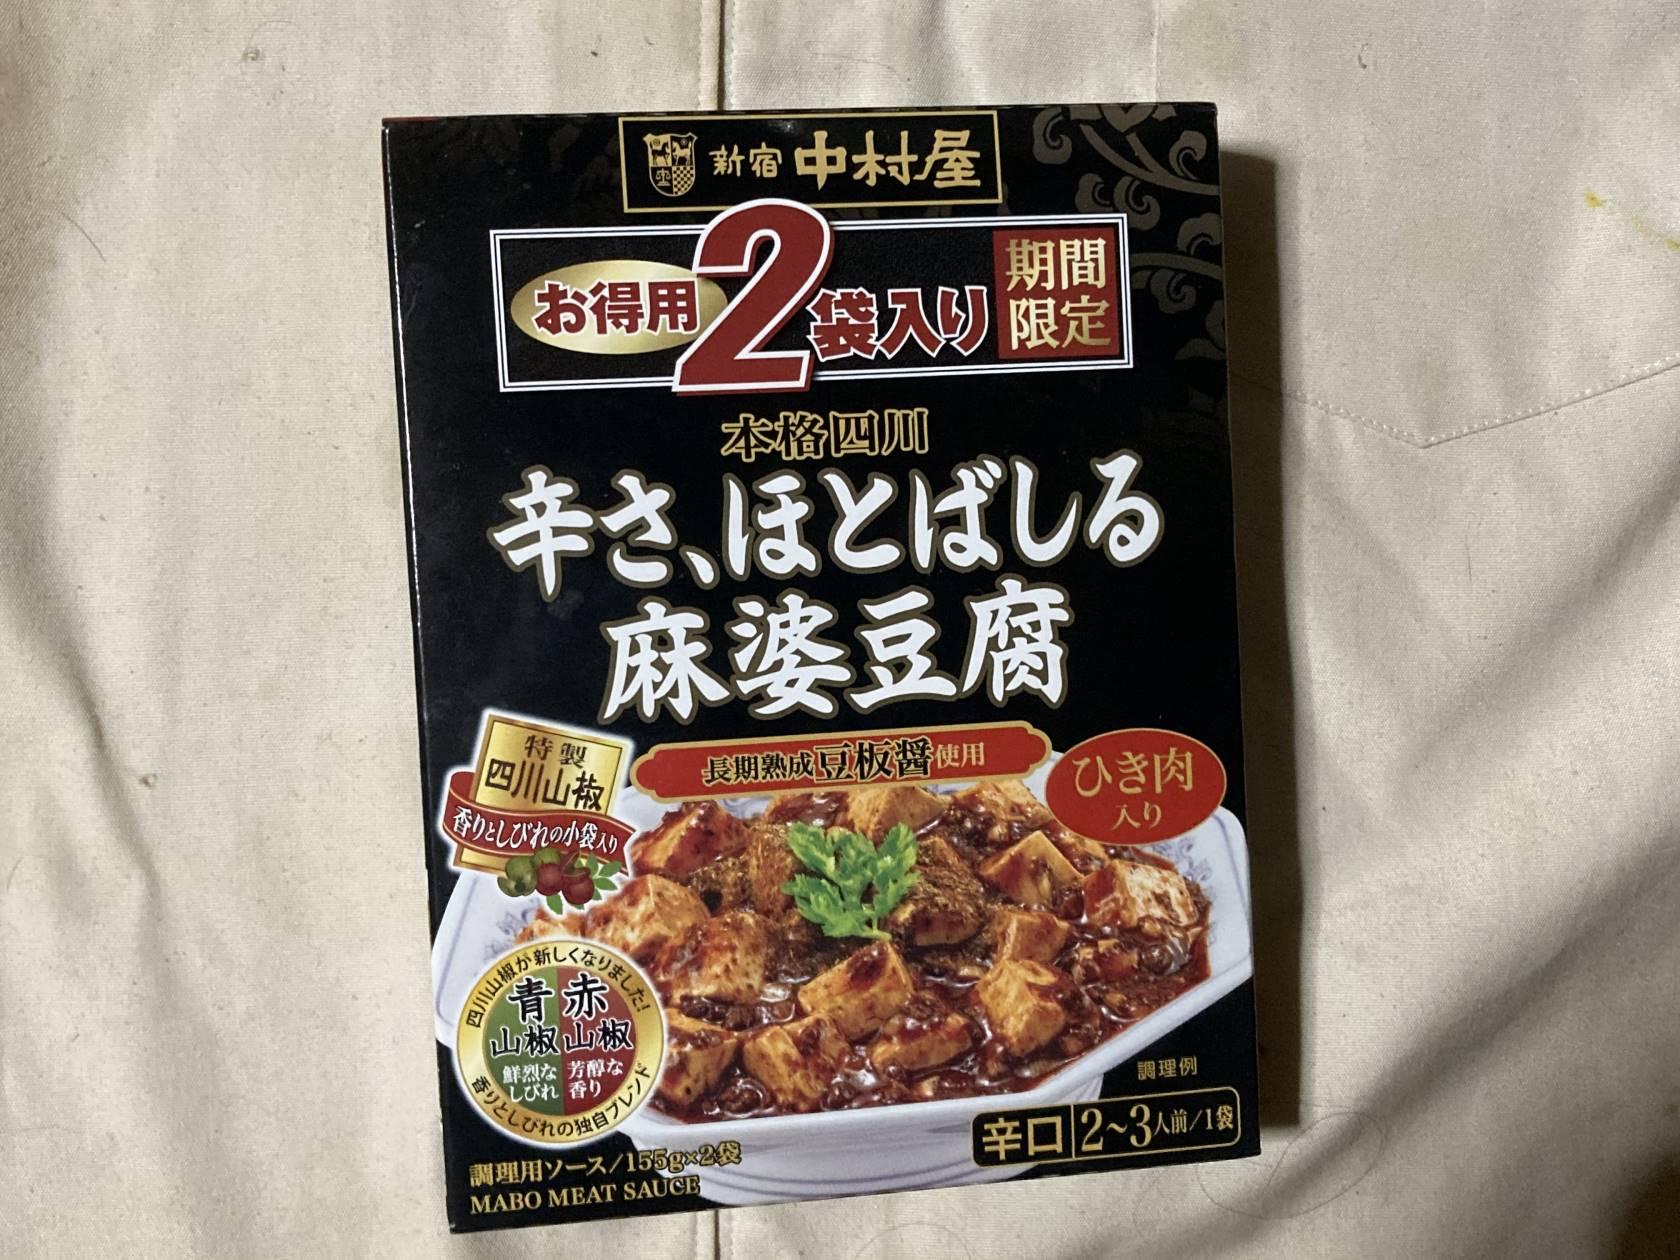 新宿中村屋 辛さ、ほとばしる麻婆豆腐 辛口